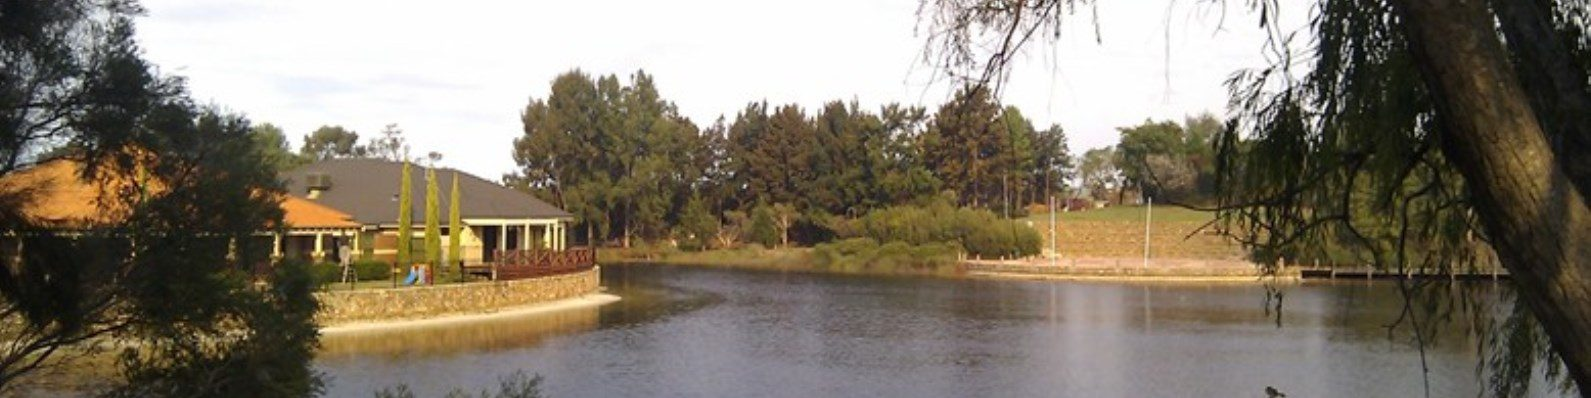 Ellenbrook.net.au